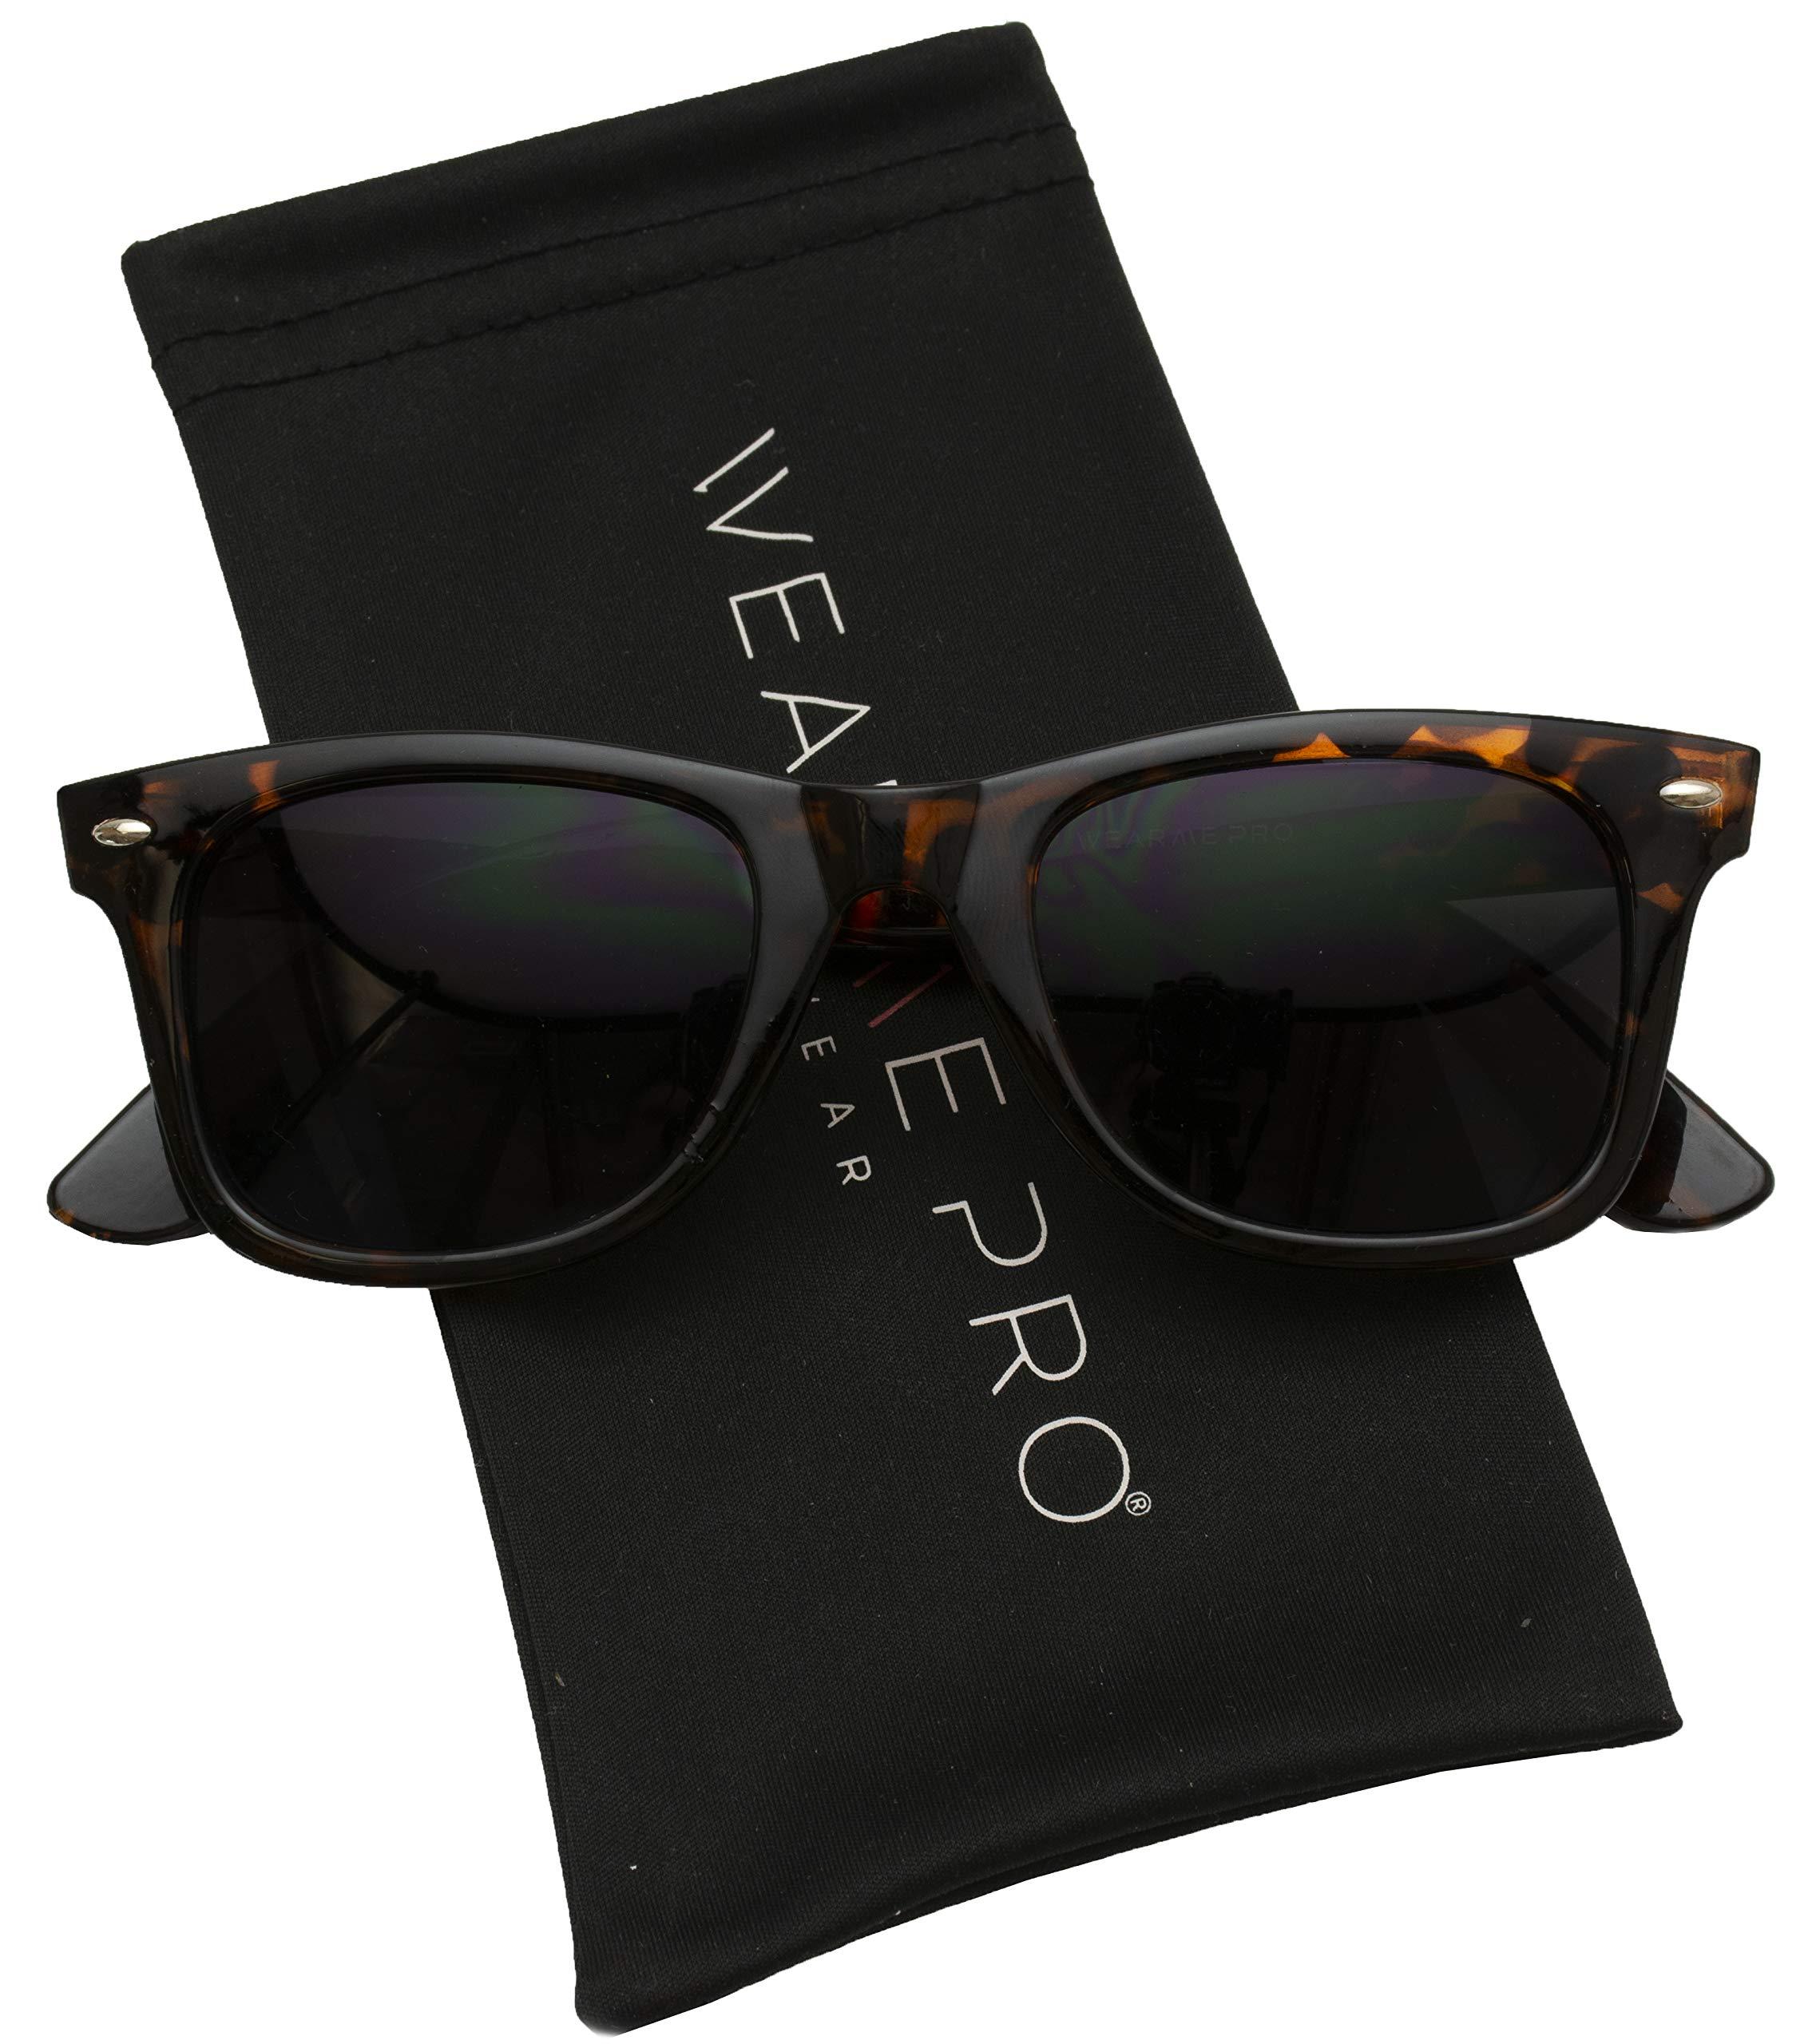 WearMe Pro - Classic Dark Lens Small Horn Rimmed Sunglasses (Tortoise Frame/Black Lens, 49)